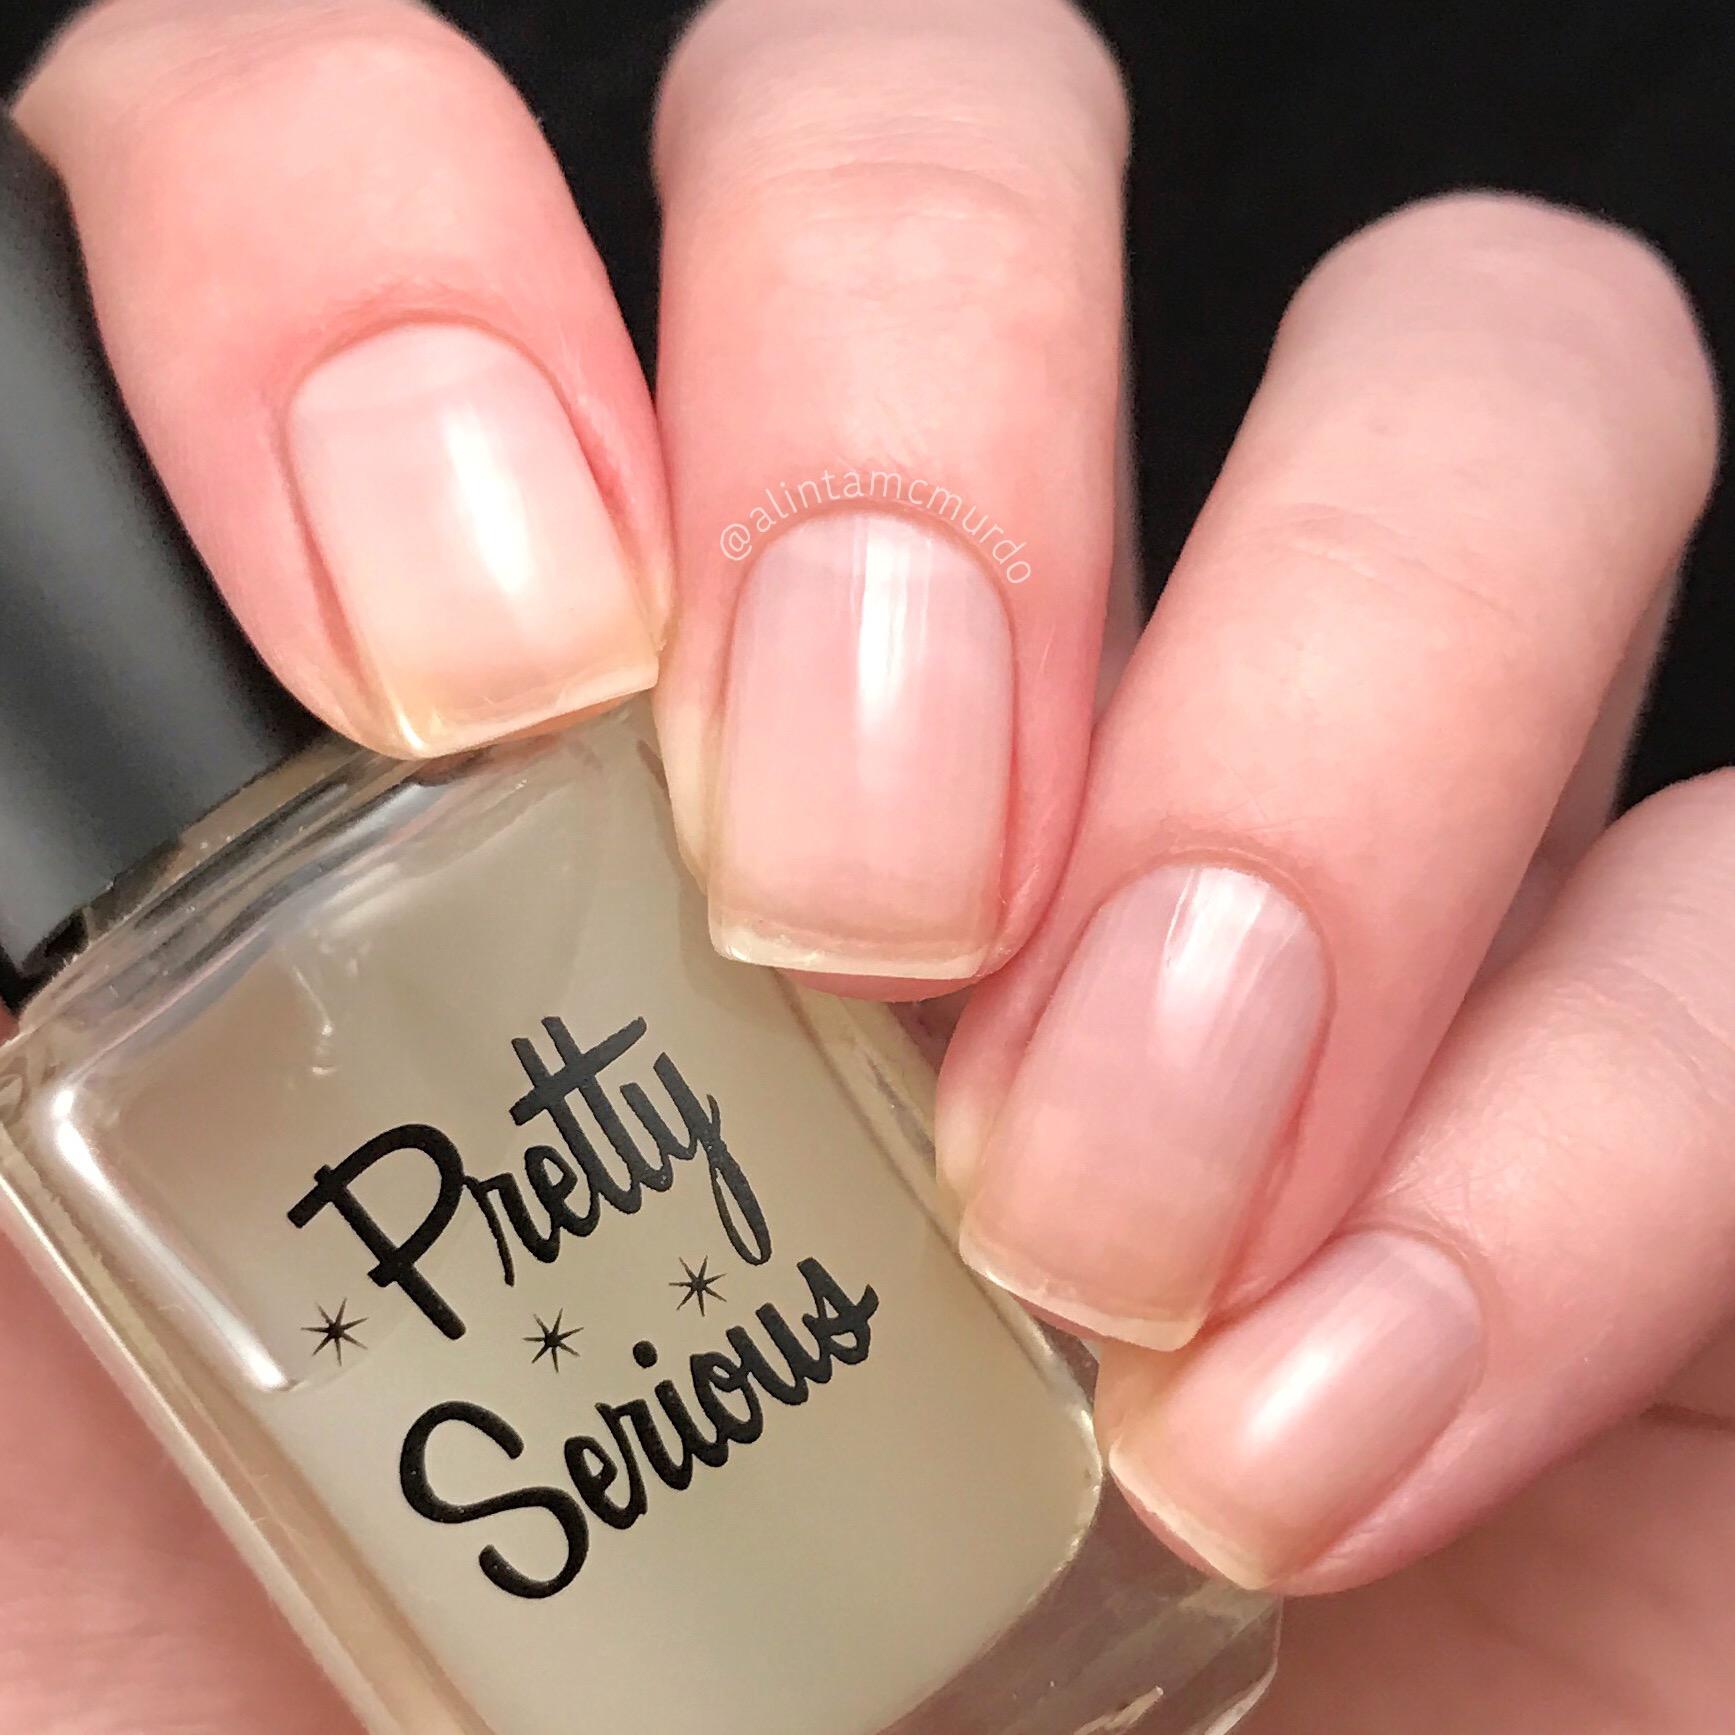 Nice Gel Polish Vs Acrylic Nails Thick Nail Polish Drying Spray Solid How To Do 3d Nail Art Designs Nail Polish Spring Young Top Nail Fungus Products BlueNail Art Sf Nail Hardener Polish   Emsilog